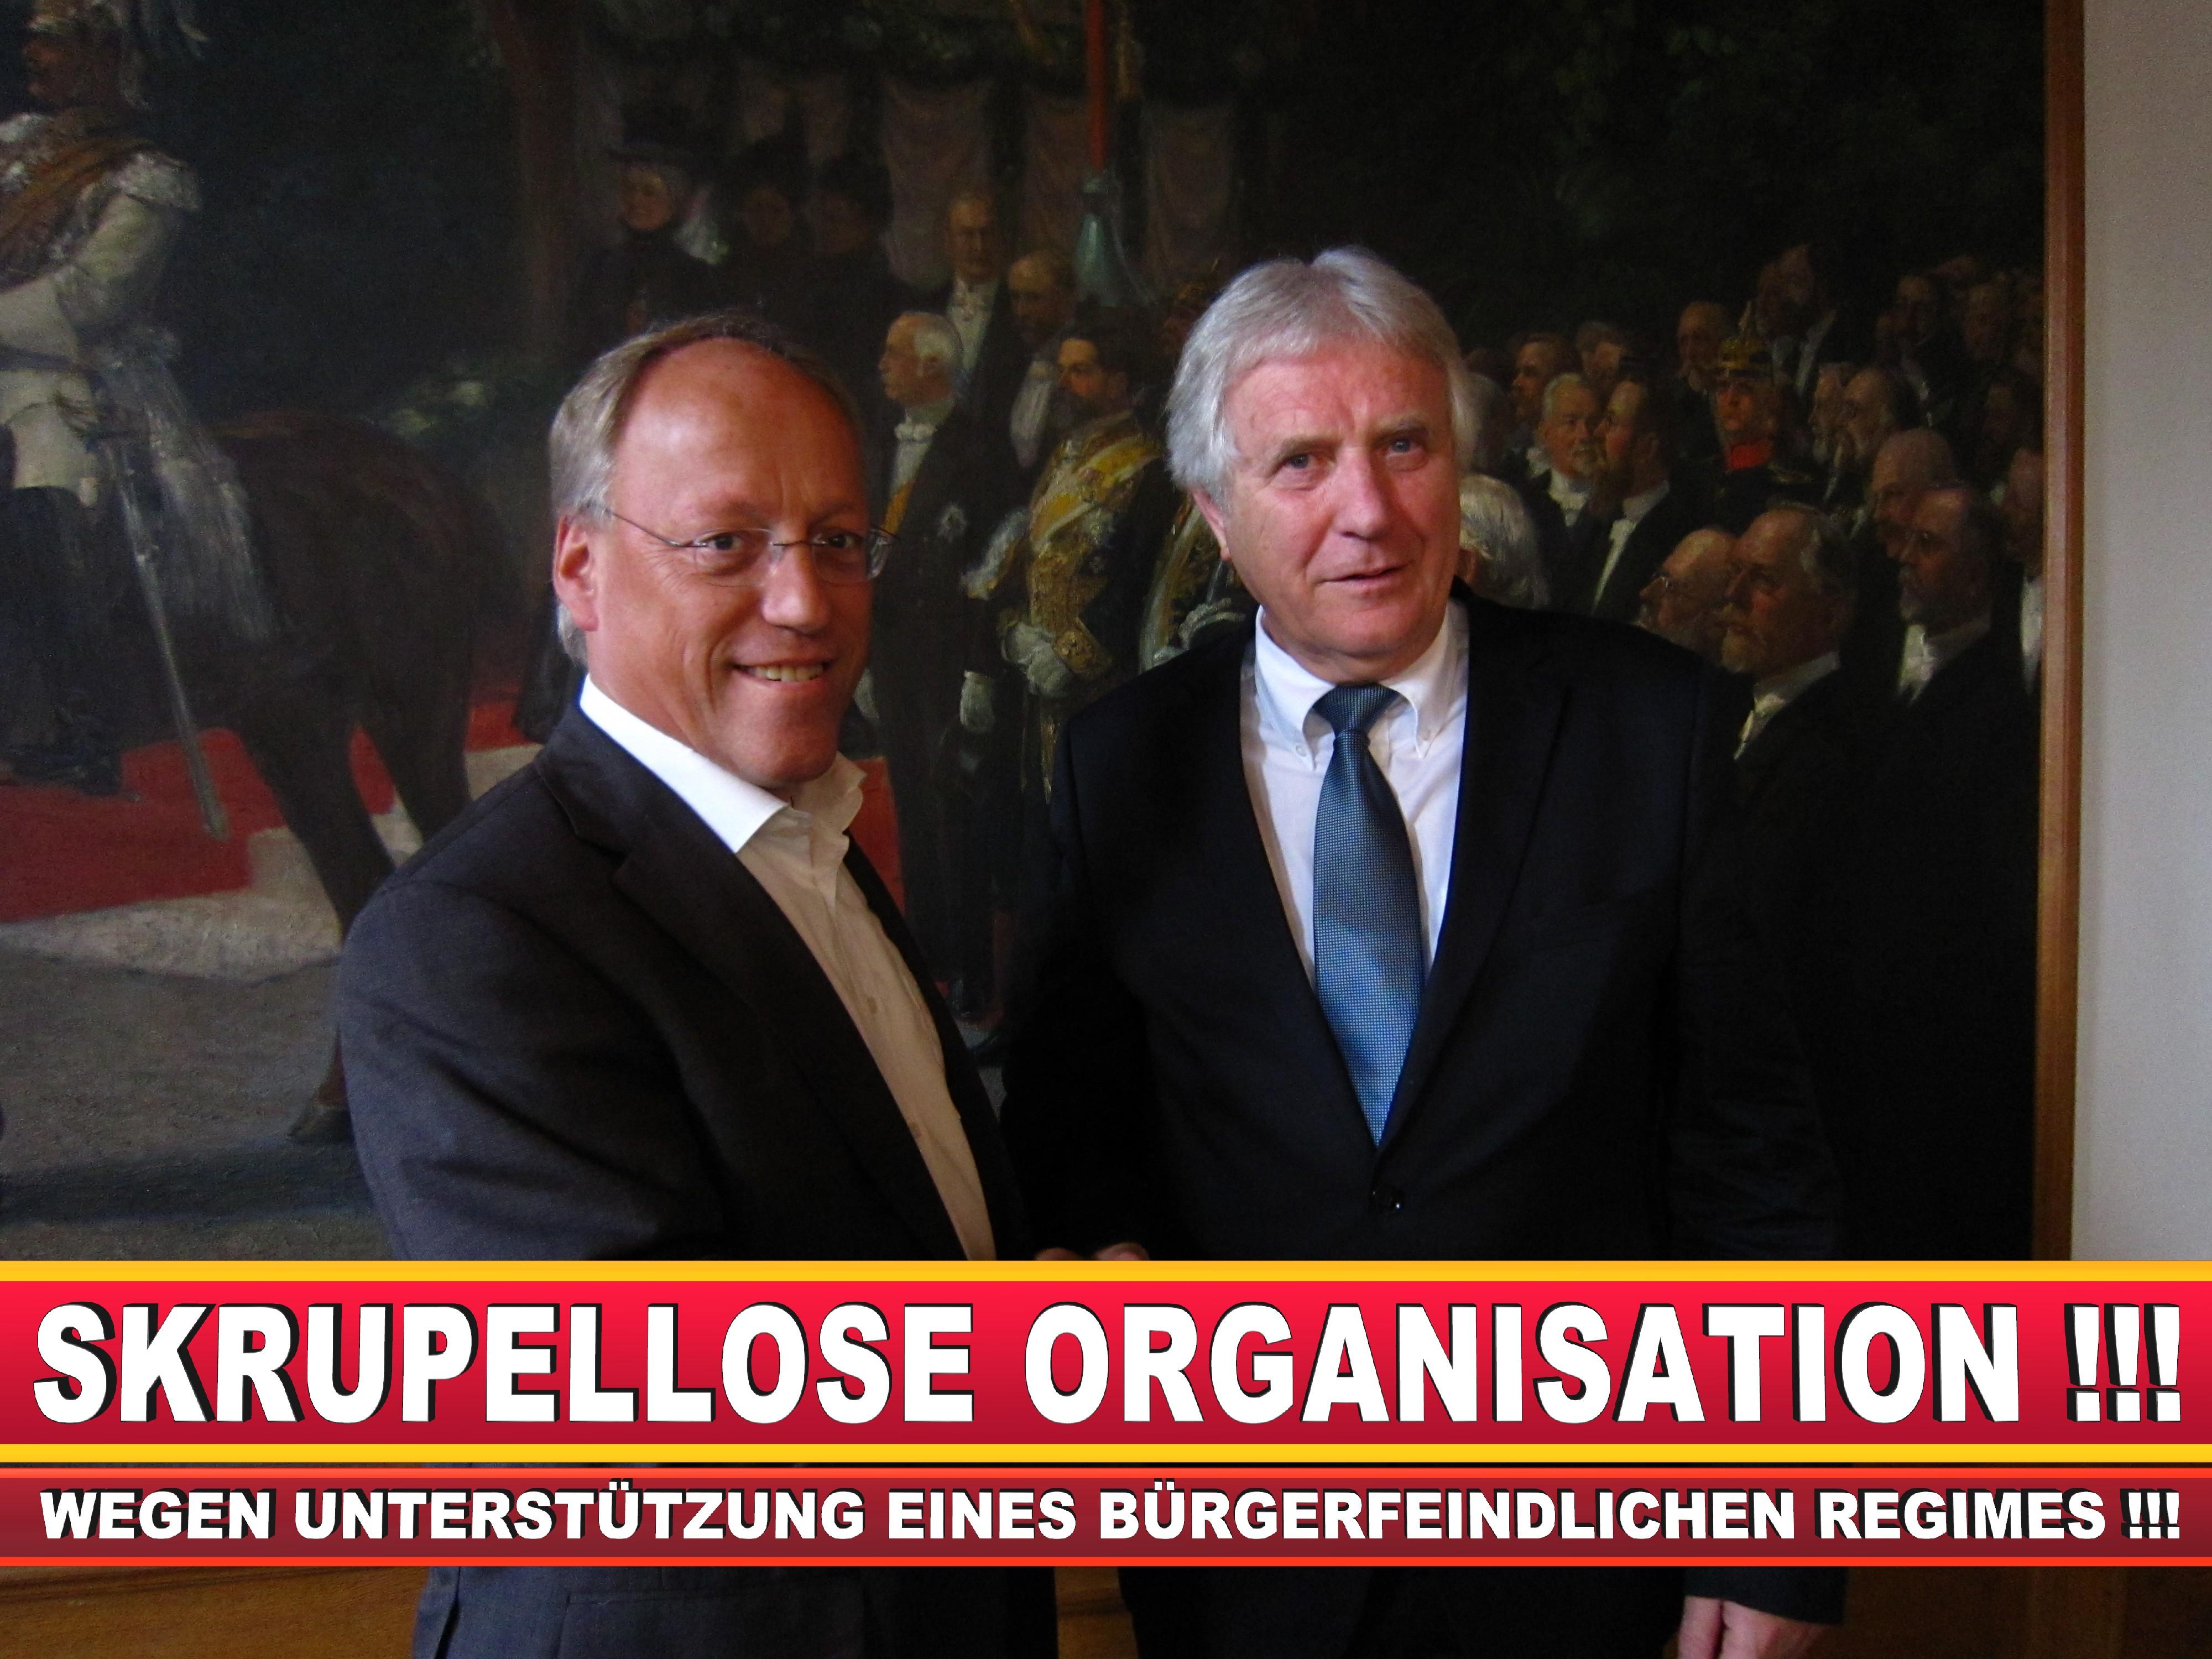 Polizeipräsident Erwin Südfeld Bielefeld Oberbürgermeister Bürgermeister Peter Clausen Pit Clausen Bielefeld (56)